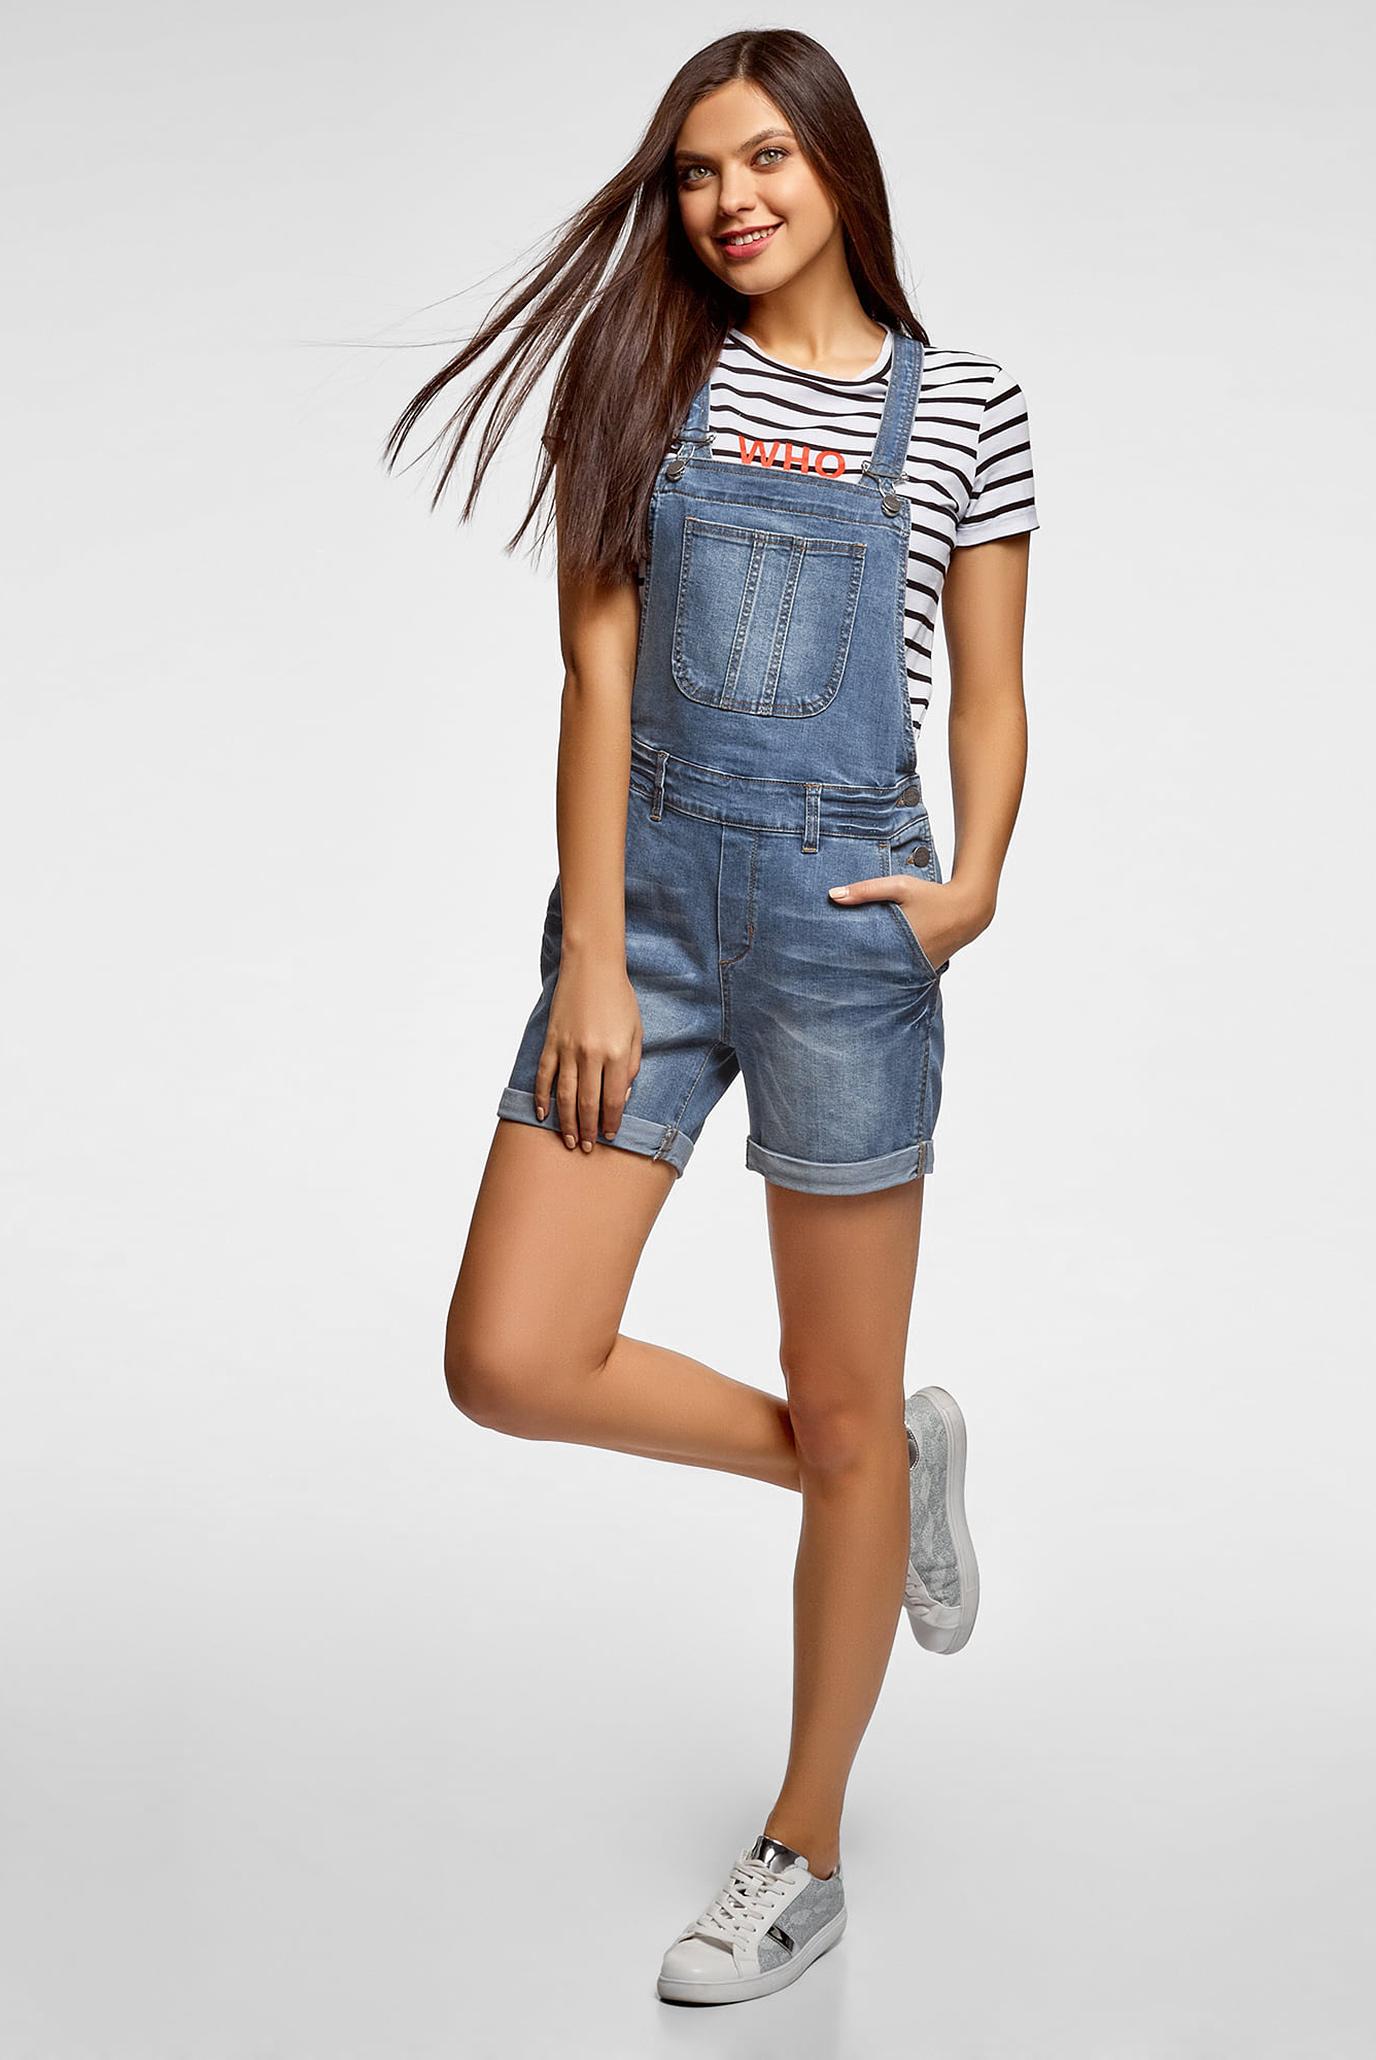 Картинка девушка в джинсовом комбинезоне